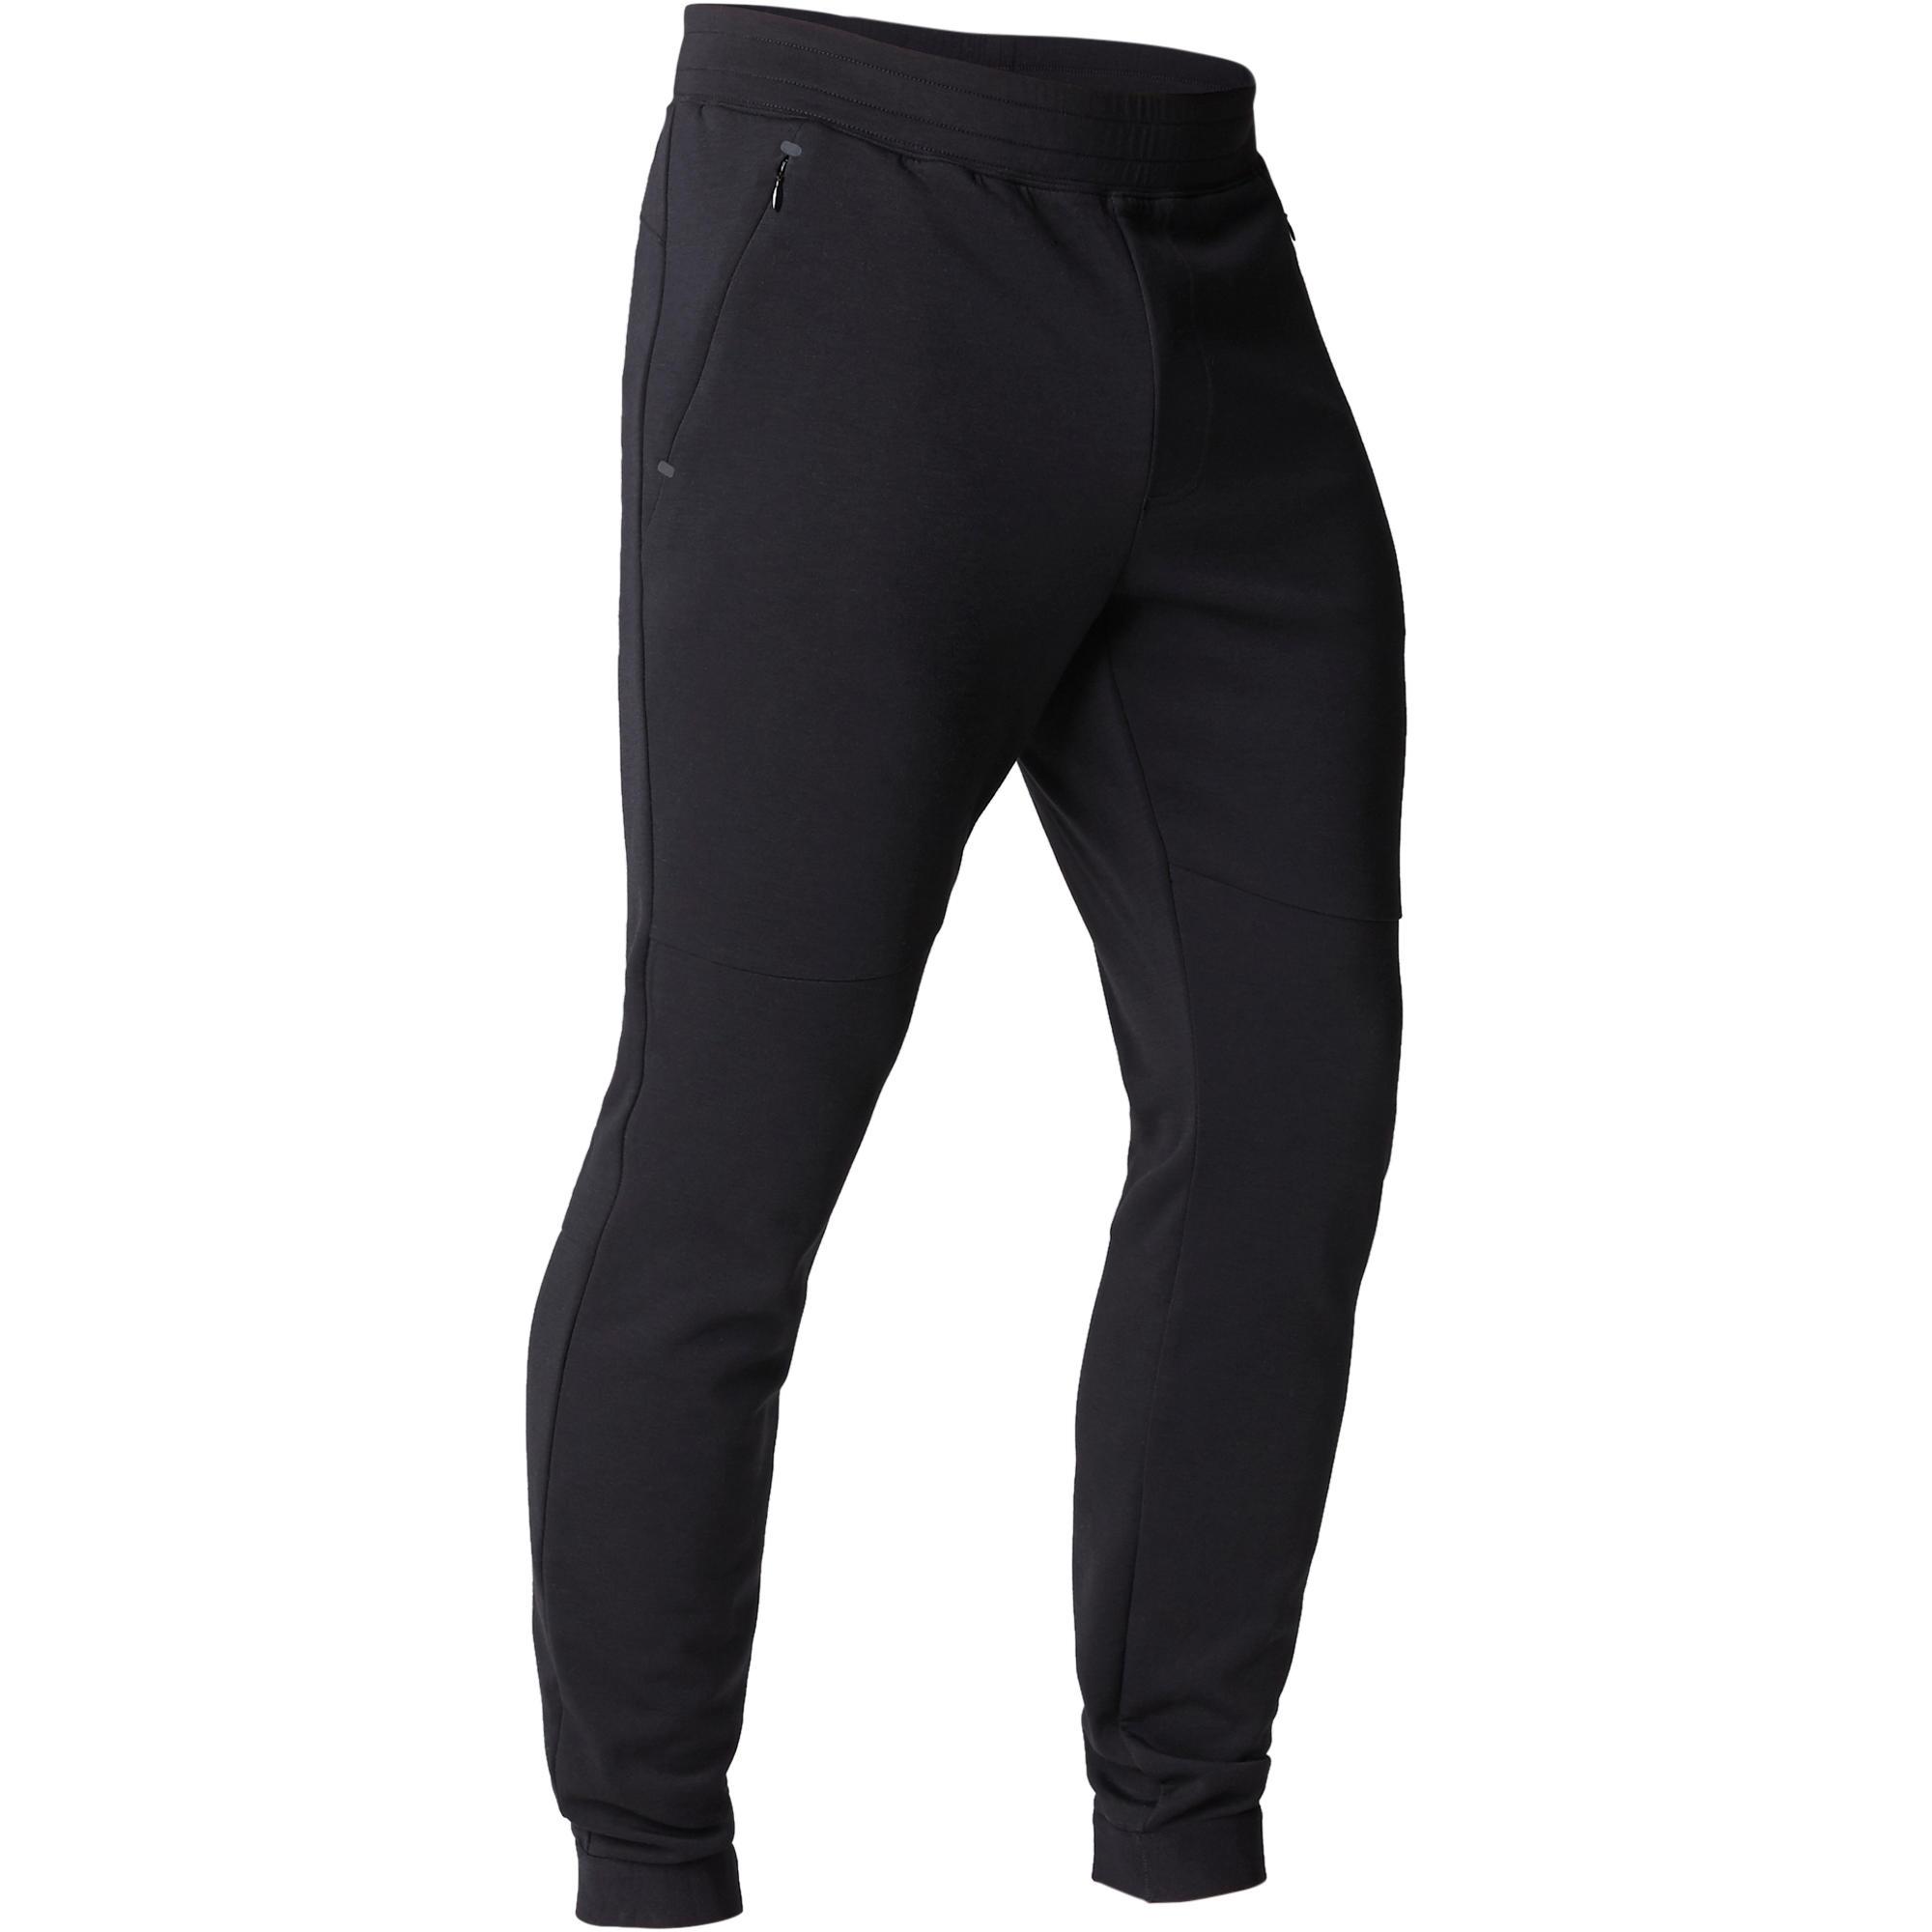 Pantalon 560 ajusté gymnastique d'étirement noir homme